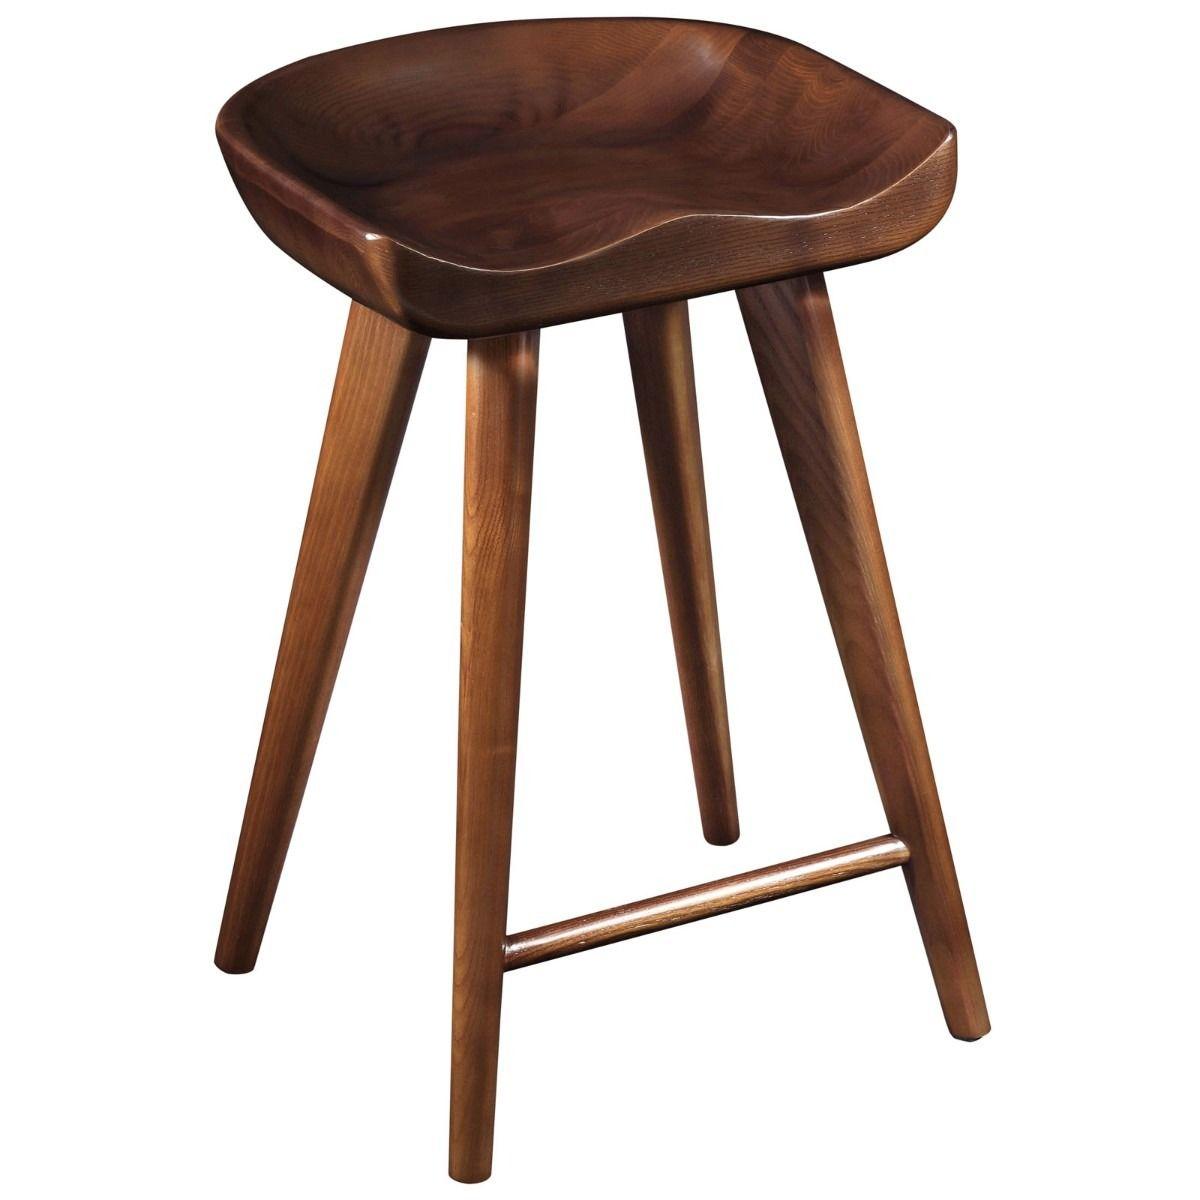 banco para bar-stool de madera solida de nogal-grgfurniture | Madera ...